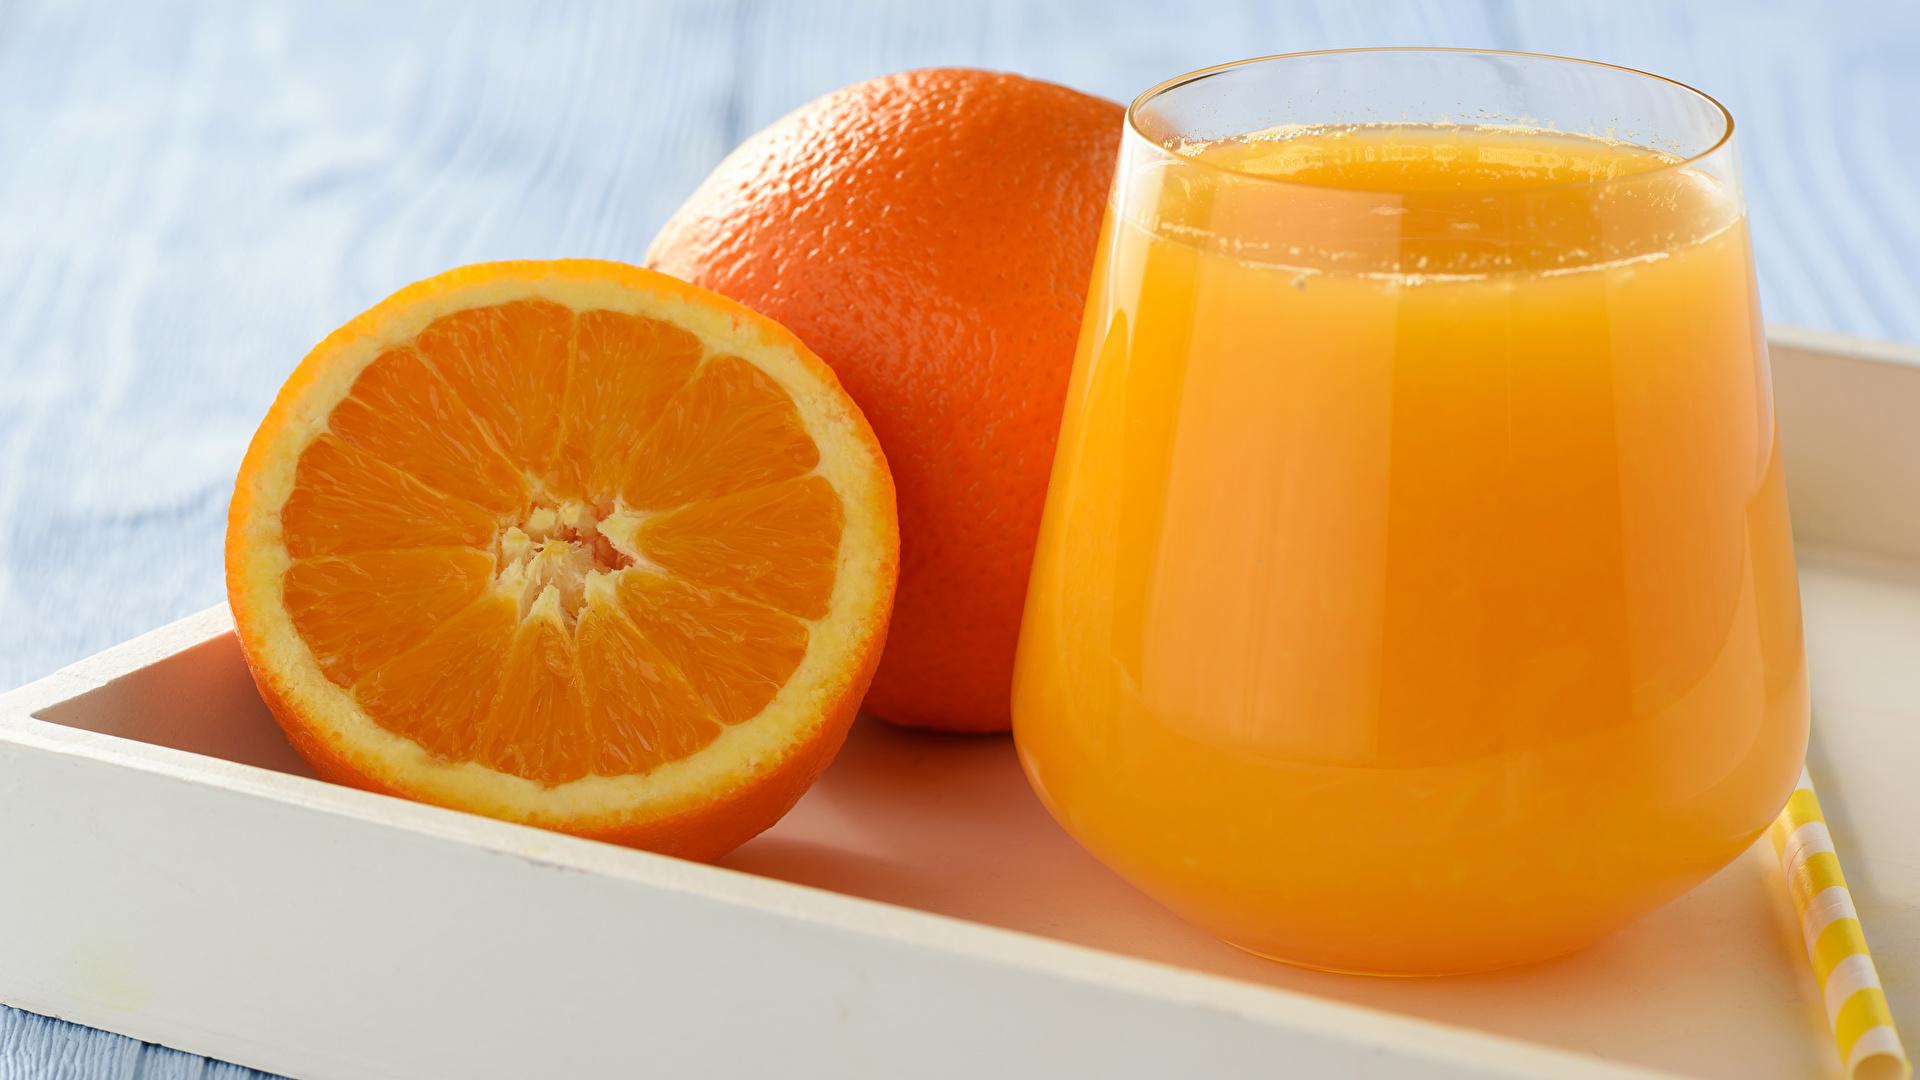 Фото Сок Апельсин стакане Пища 1920x1080 Стакан стакана Еда Продукты питания